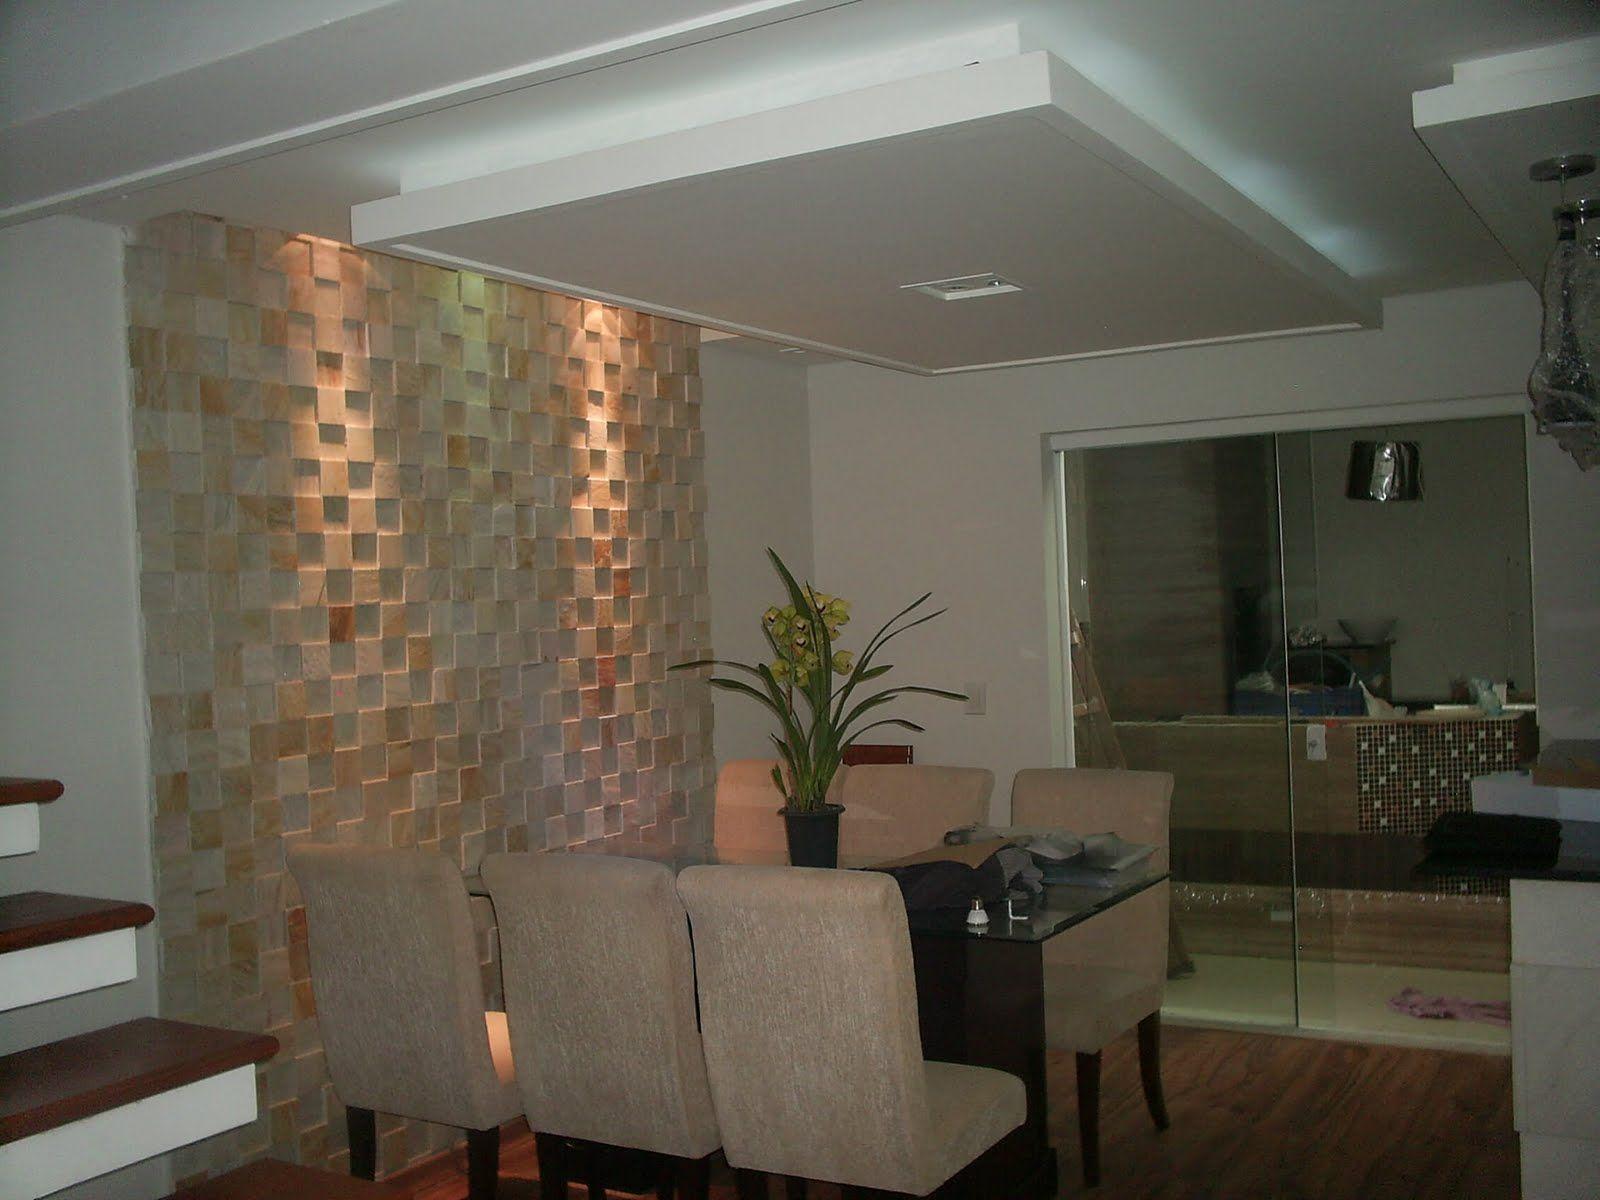 #91613A Salas de Jantar GSM – Glauco Gesso – Lindóia/SP Gesso  1600x1200 píxeis em Decoração De Sala De Estar Com Gesso